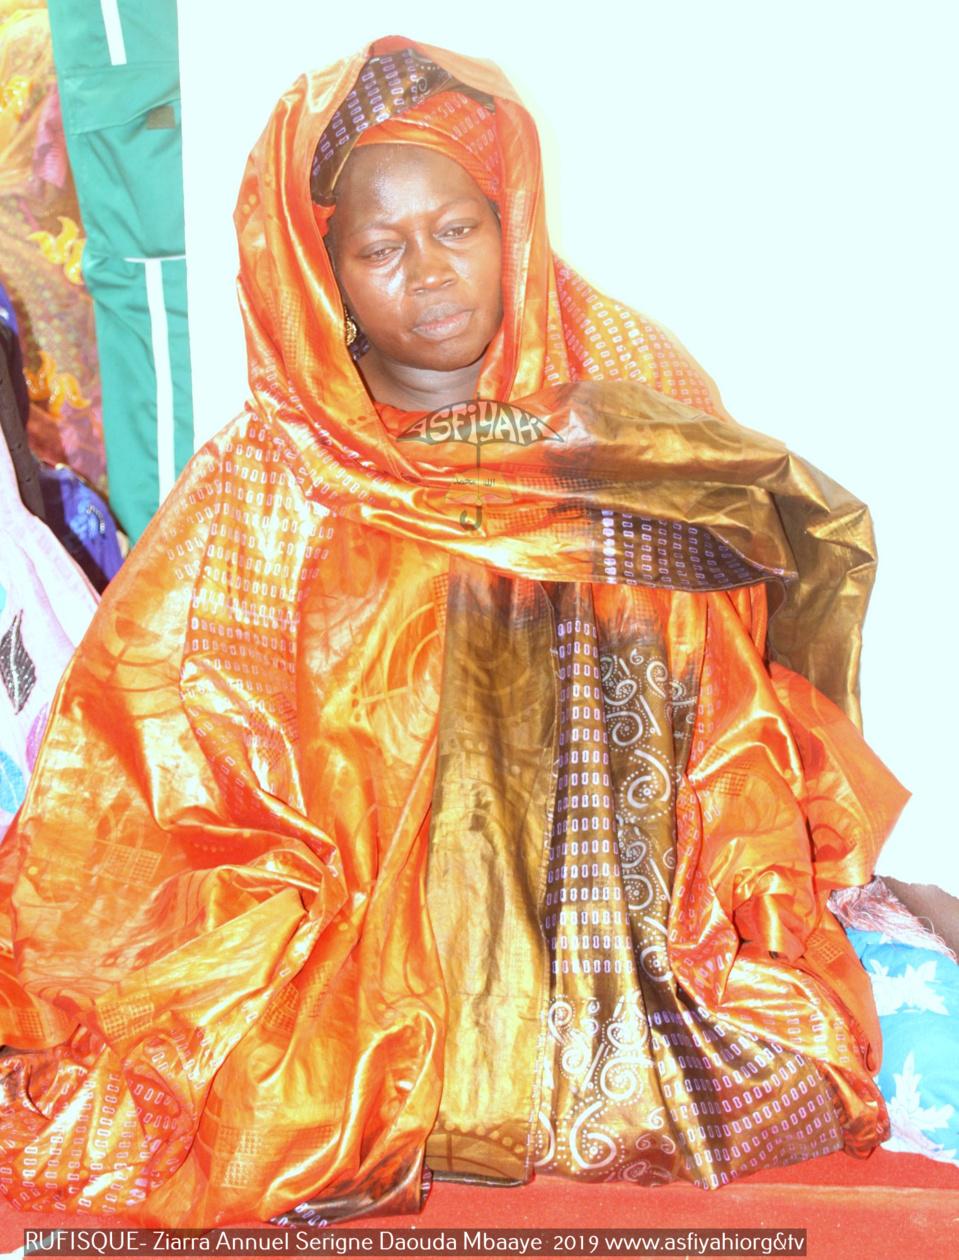 PHOTOS - Les Images  Ziarra Annuelle, édition 2019 de la Hadara El Hadj Daouda Mbaaye à Colobane Rufisque, présidée par Serigne Mouhamadou Lamine Mbaye